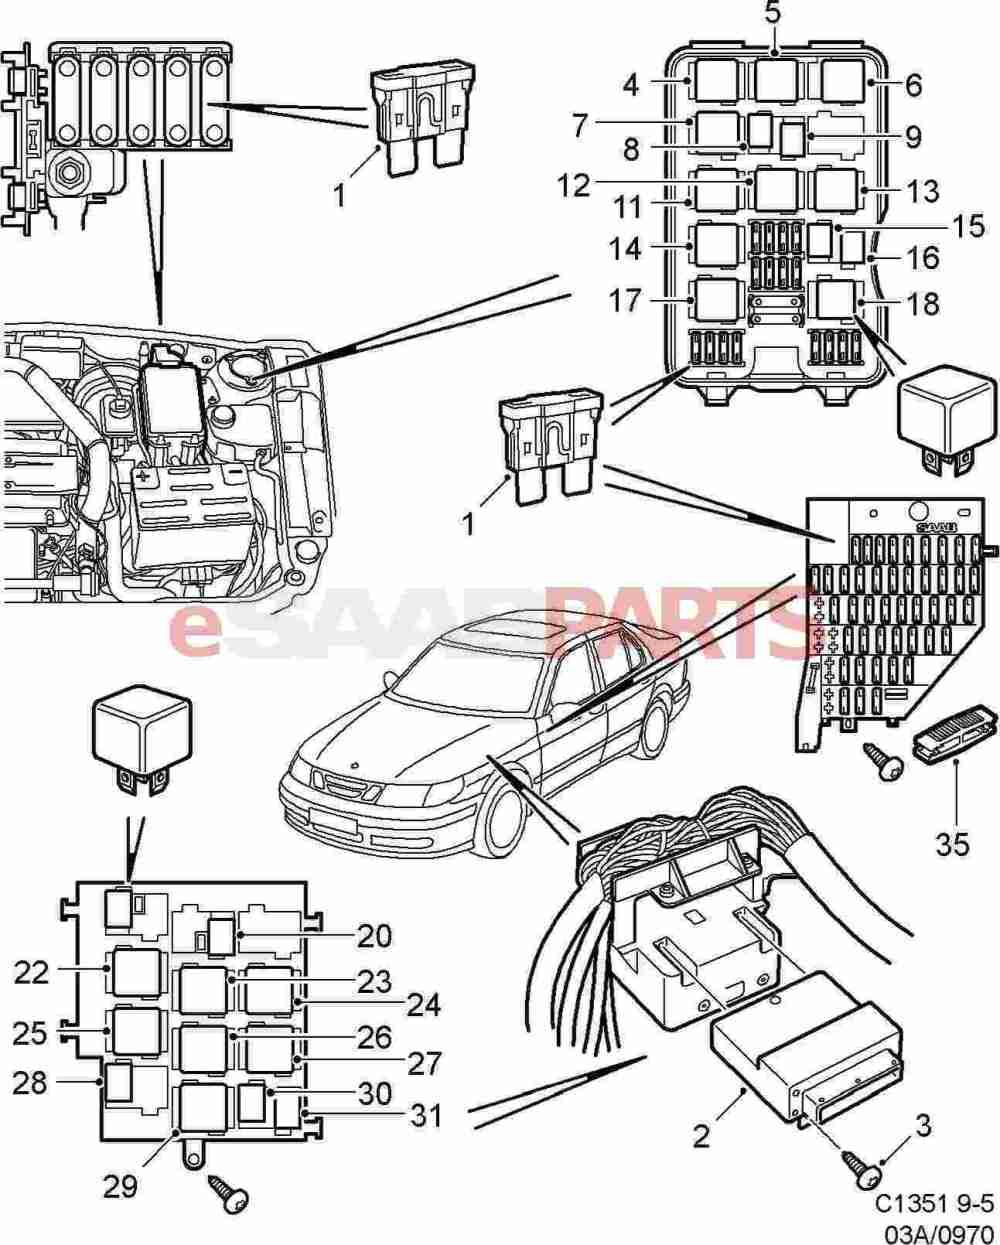 medium resolution of 93 heated seats 2003 saab 9 3 fuse box diagram saab wiring diagram images wiring diagram and fuse